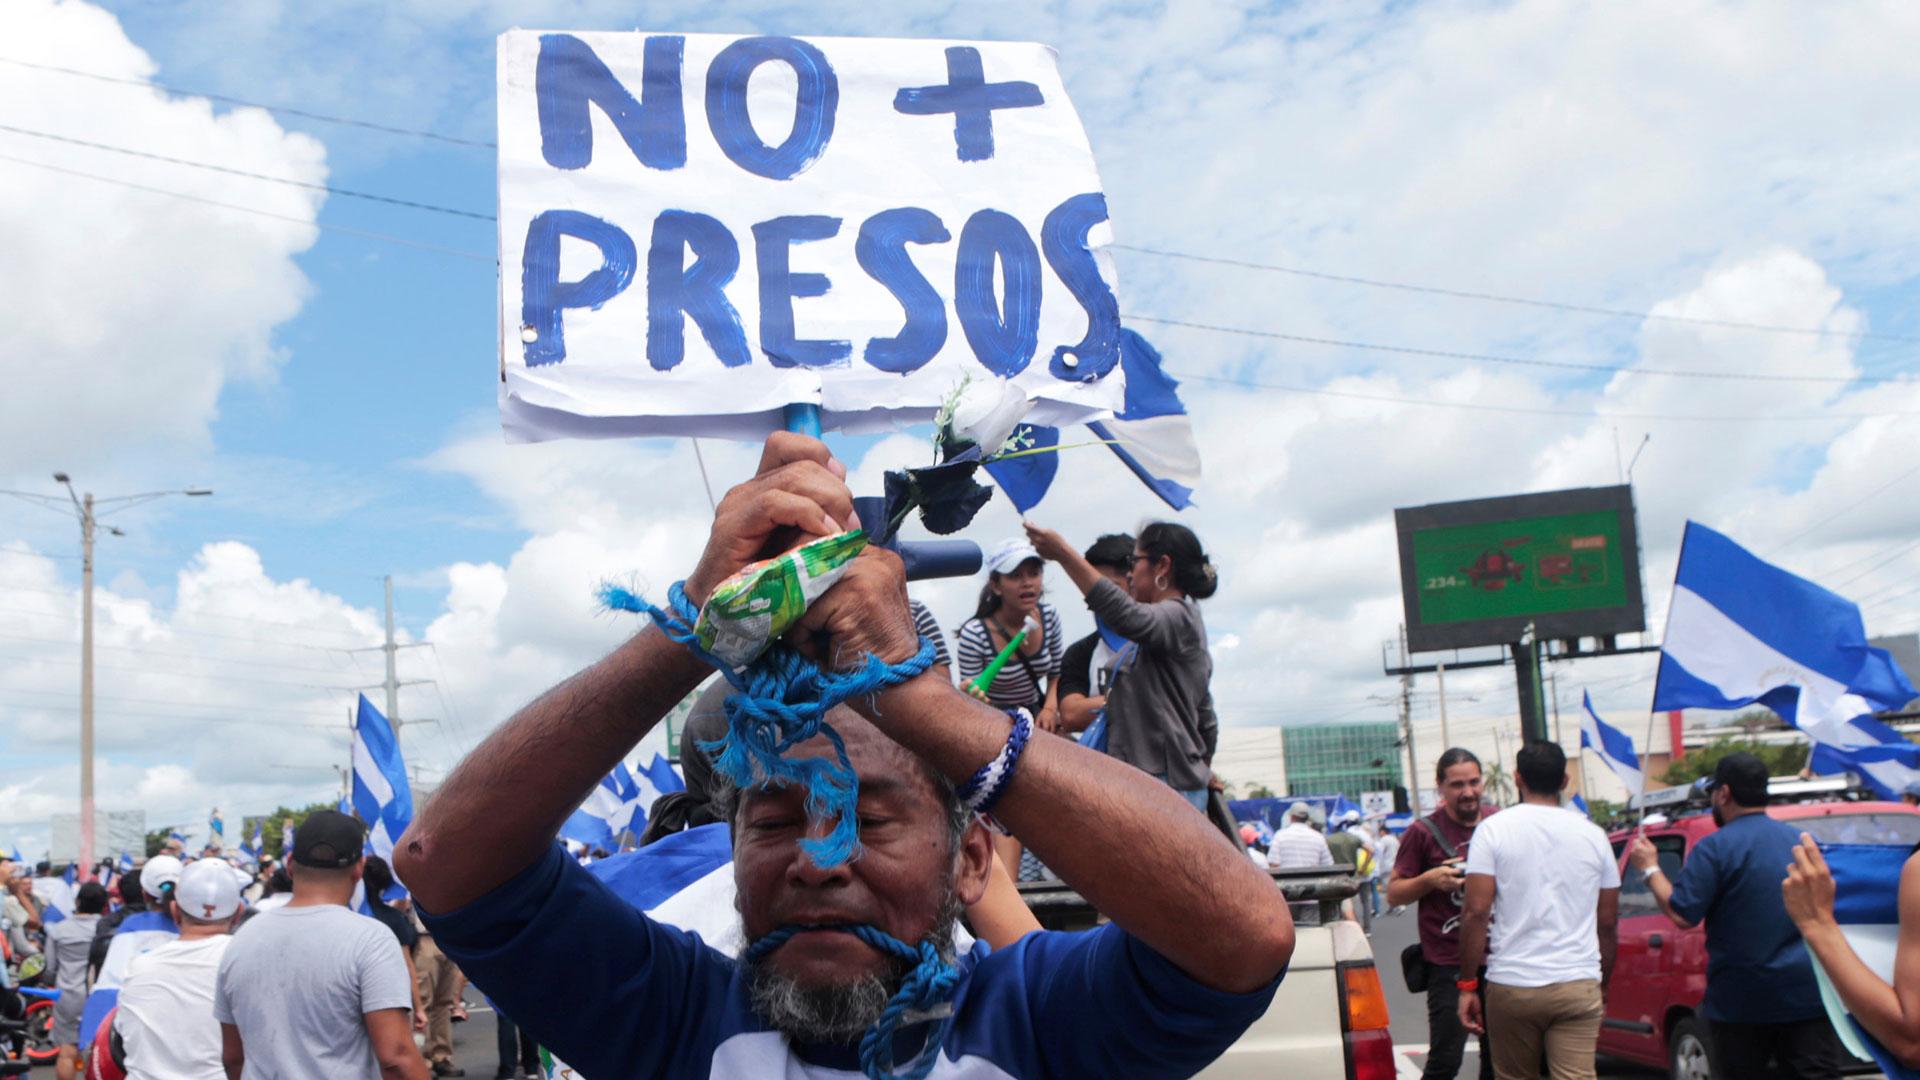 Las protestas y la represión fueron constantes en los últimos meses (EFE)